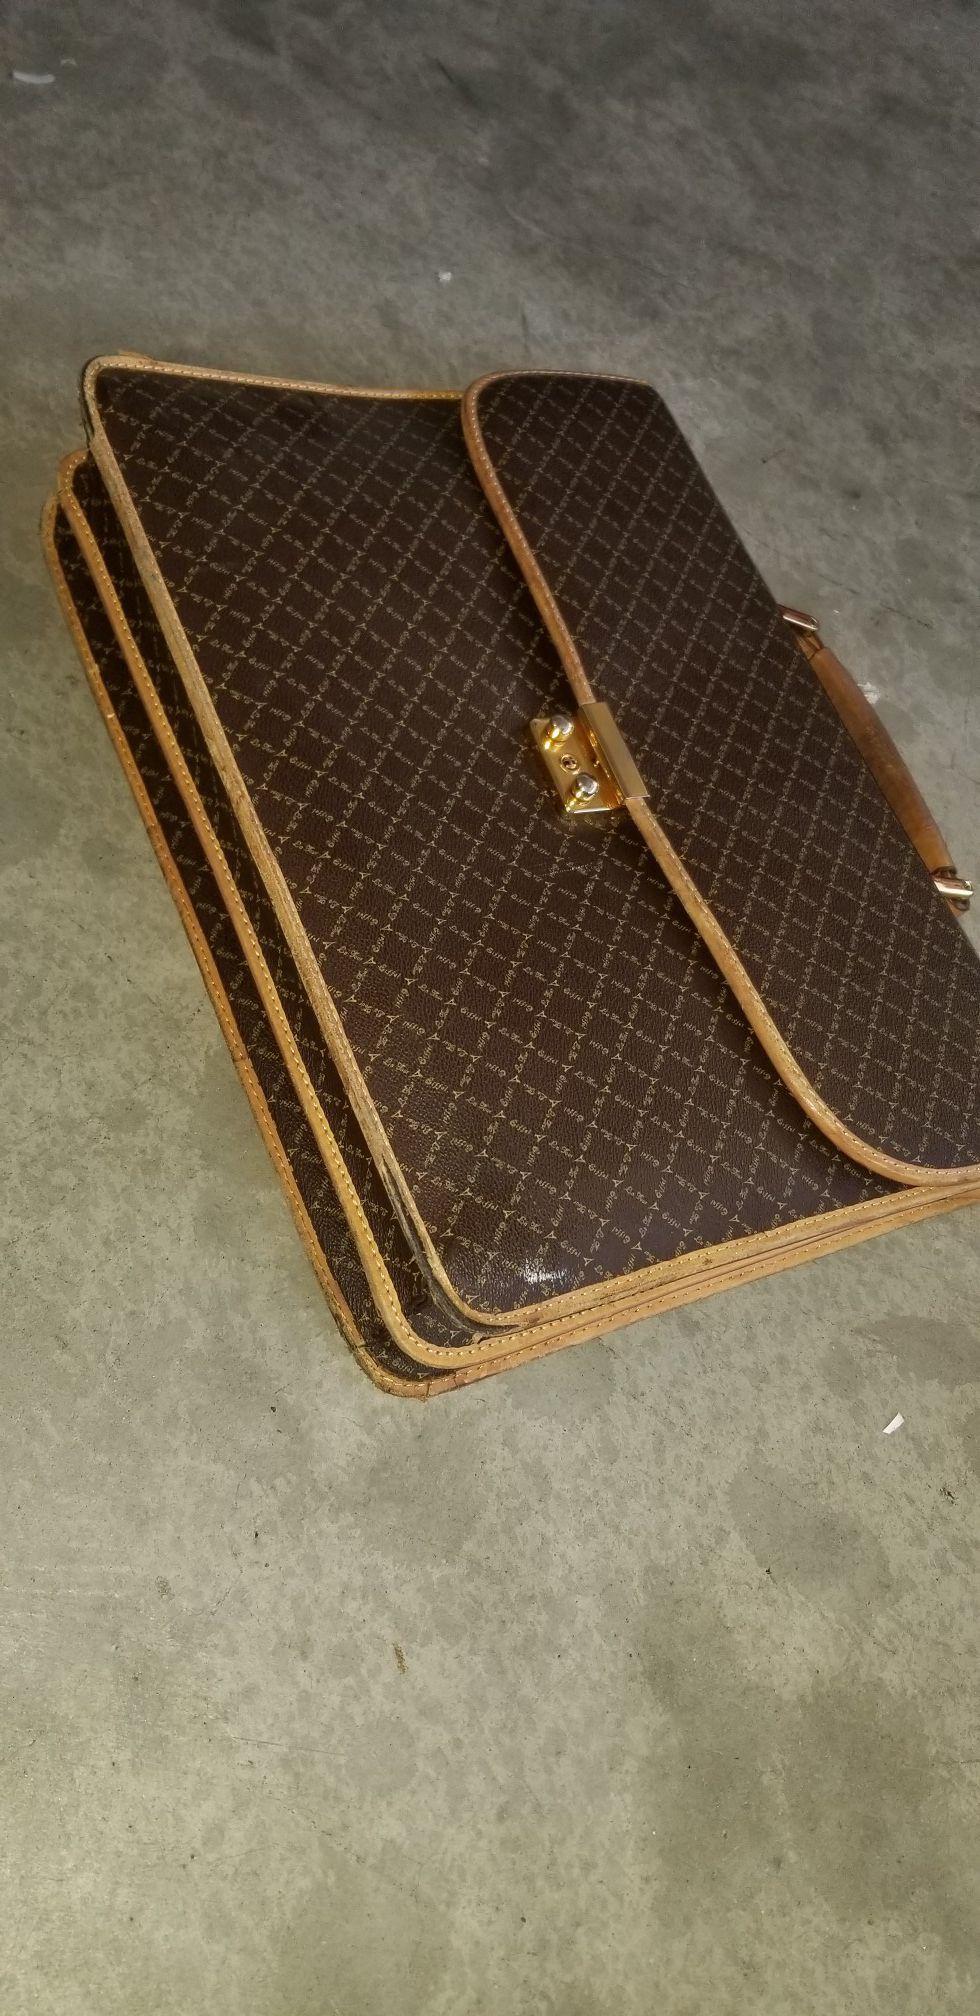 LA Tour Paris Eiffel briefcase very cheap $5